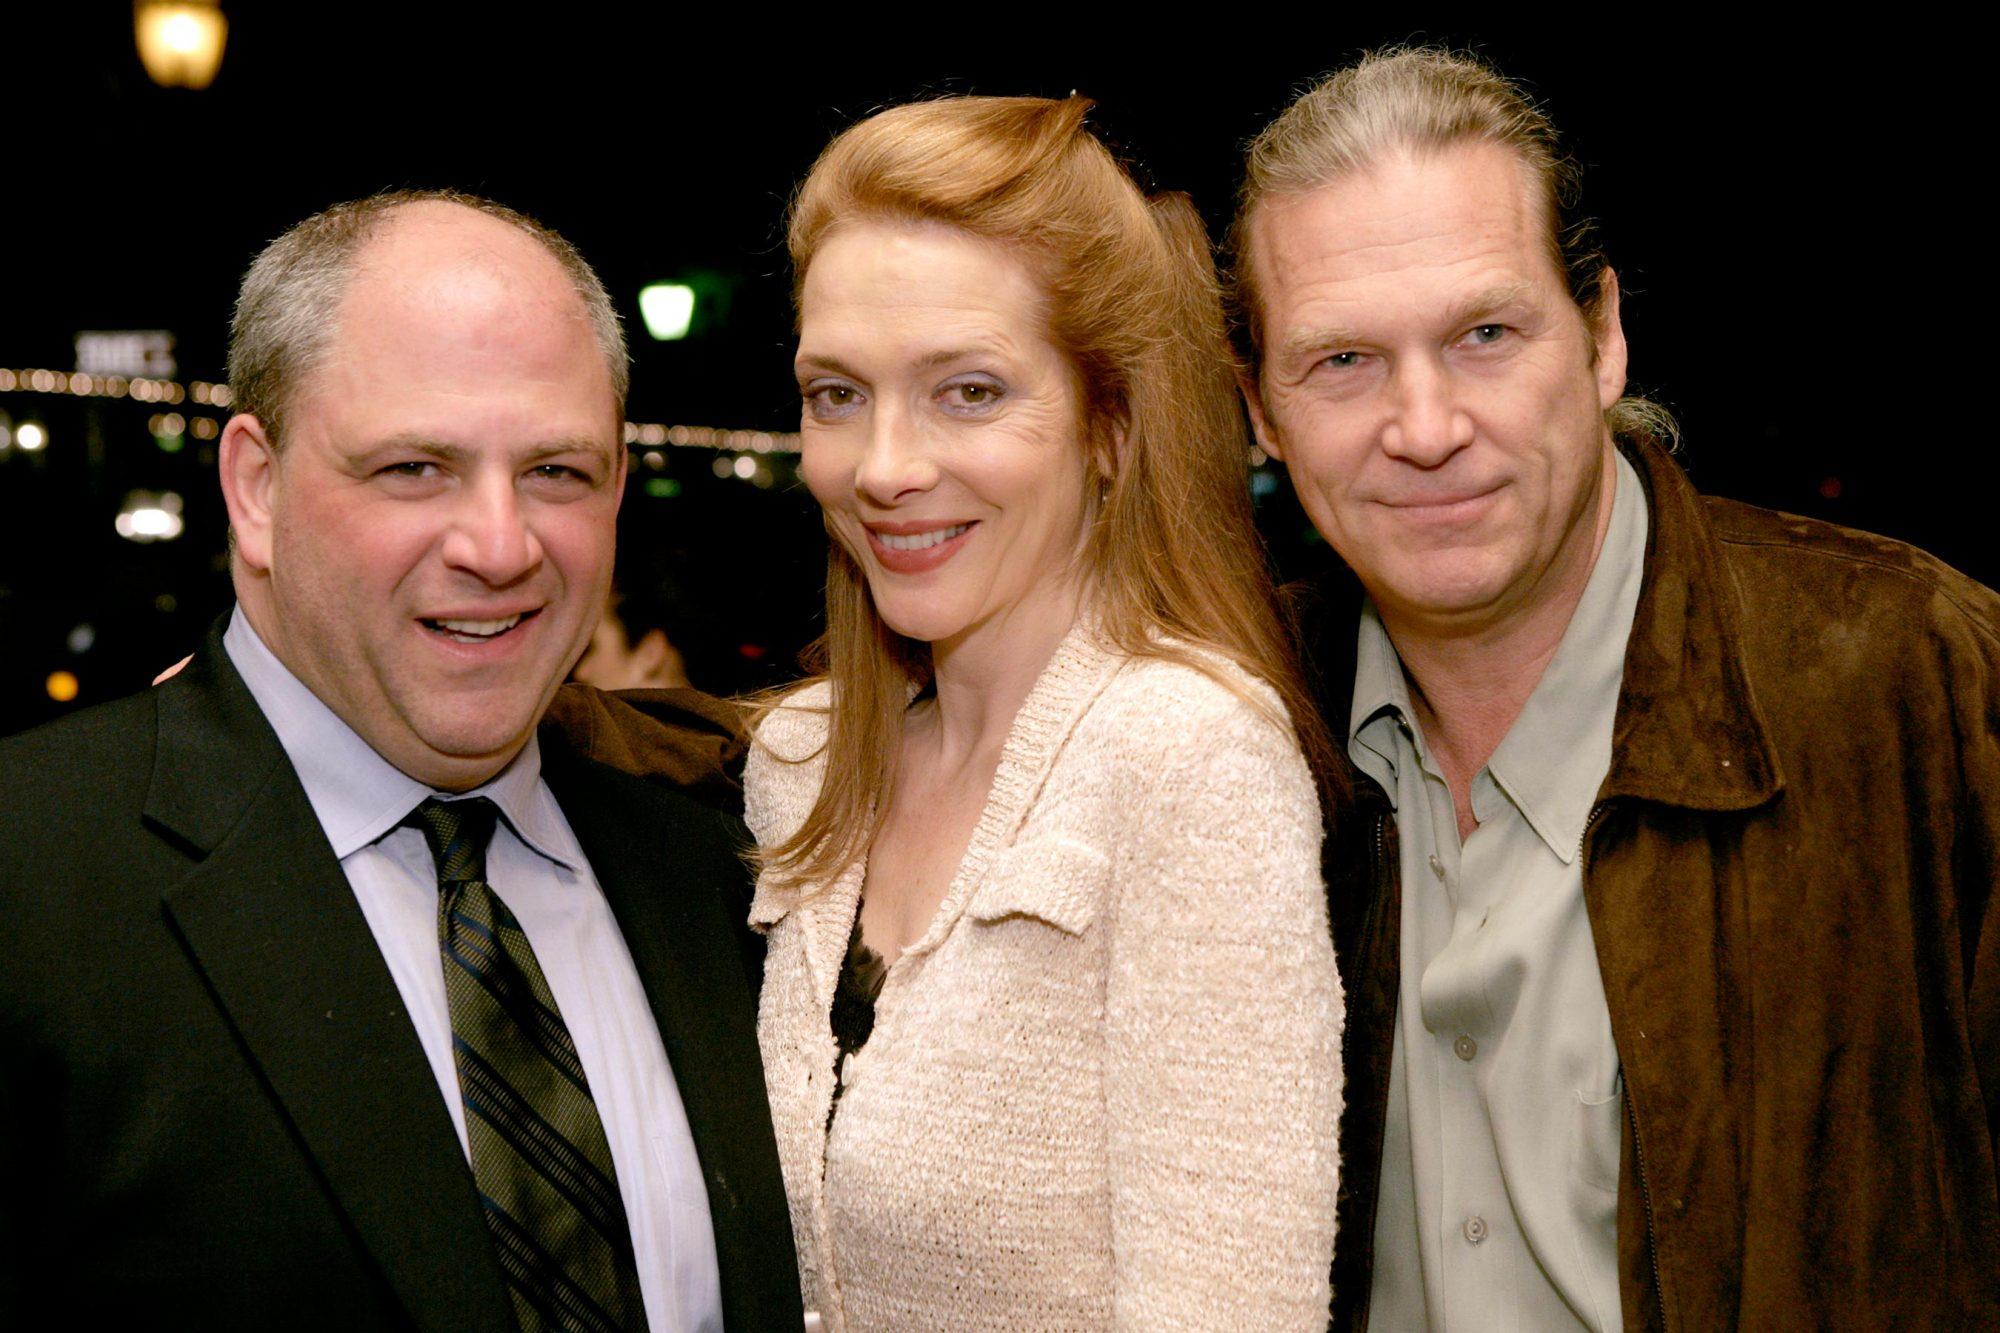 20th Annual Santa Barbara International Film Festival - Closing Gala